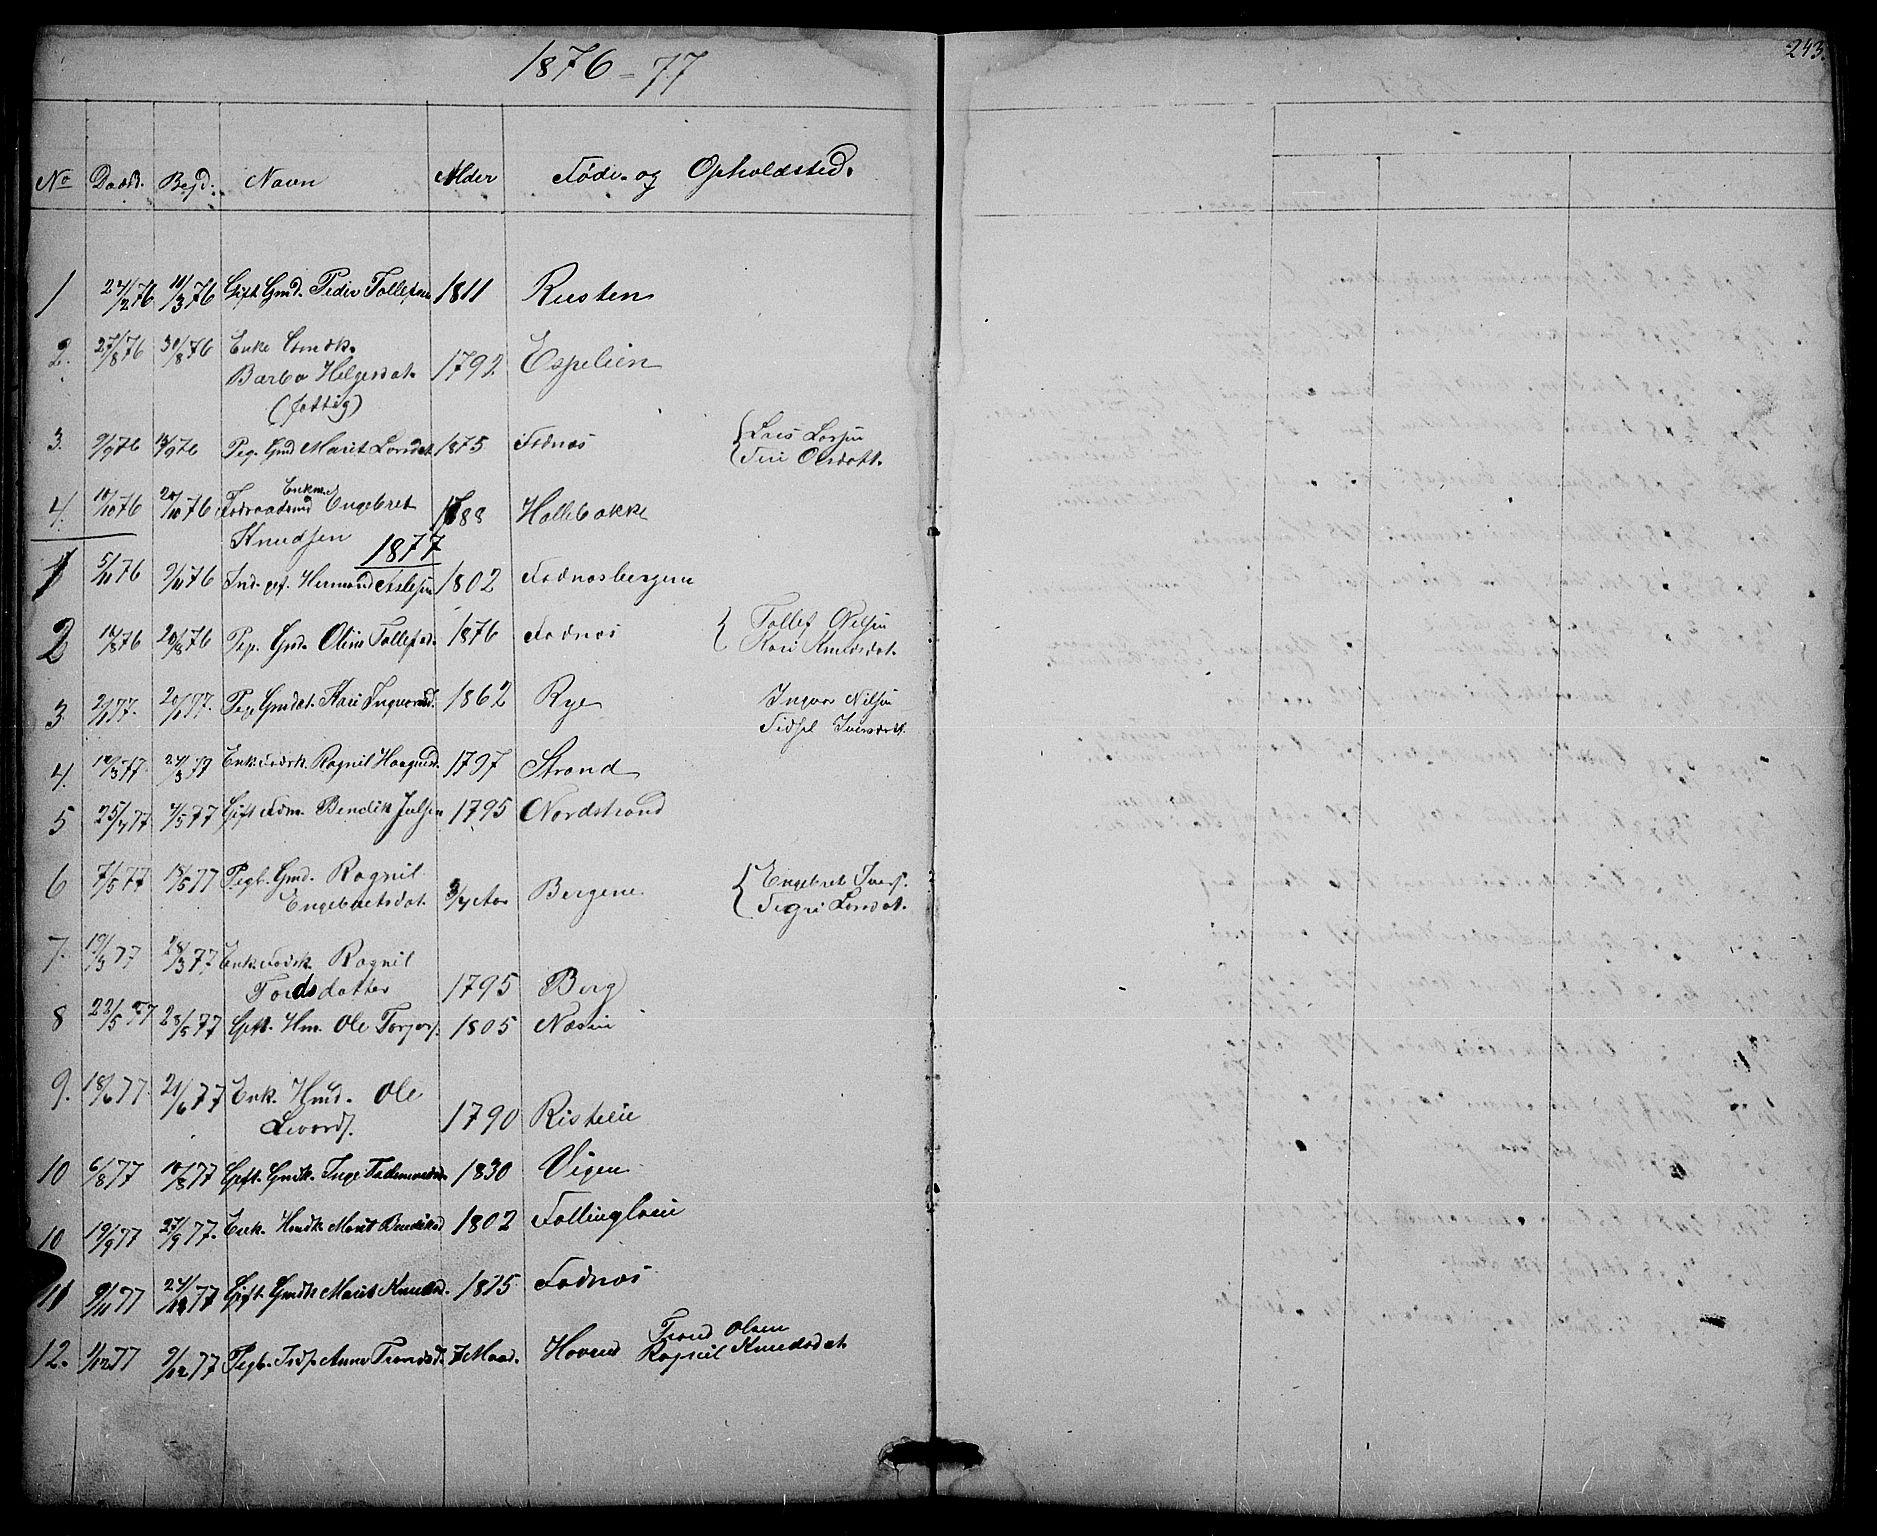 SAH, Nord-Aurdal prestekontor, Klokkerbok nr. 3, 1842-1882, s. 243